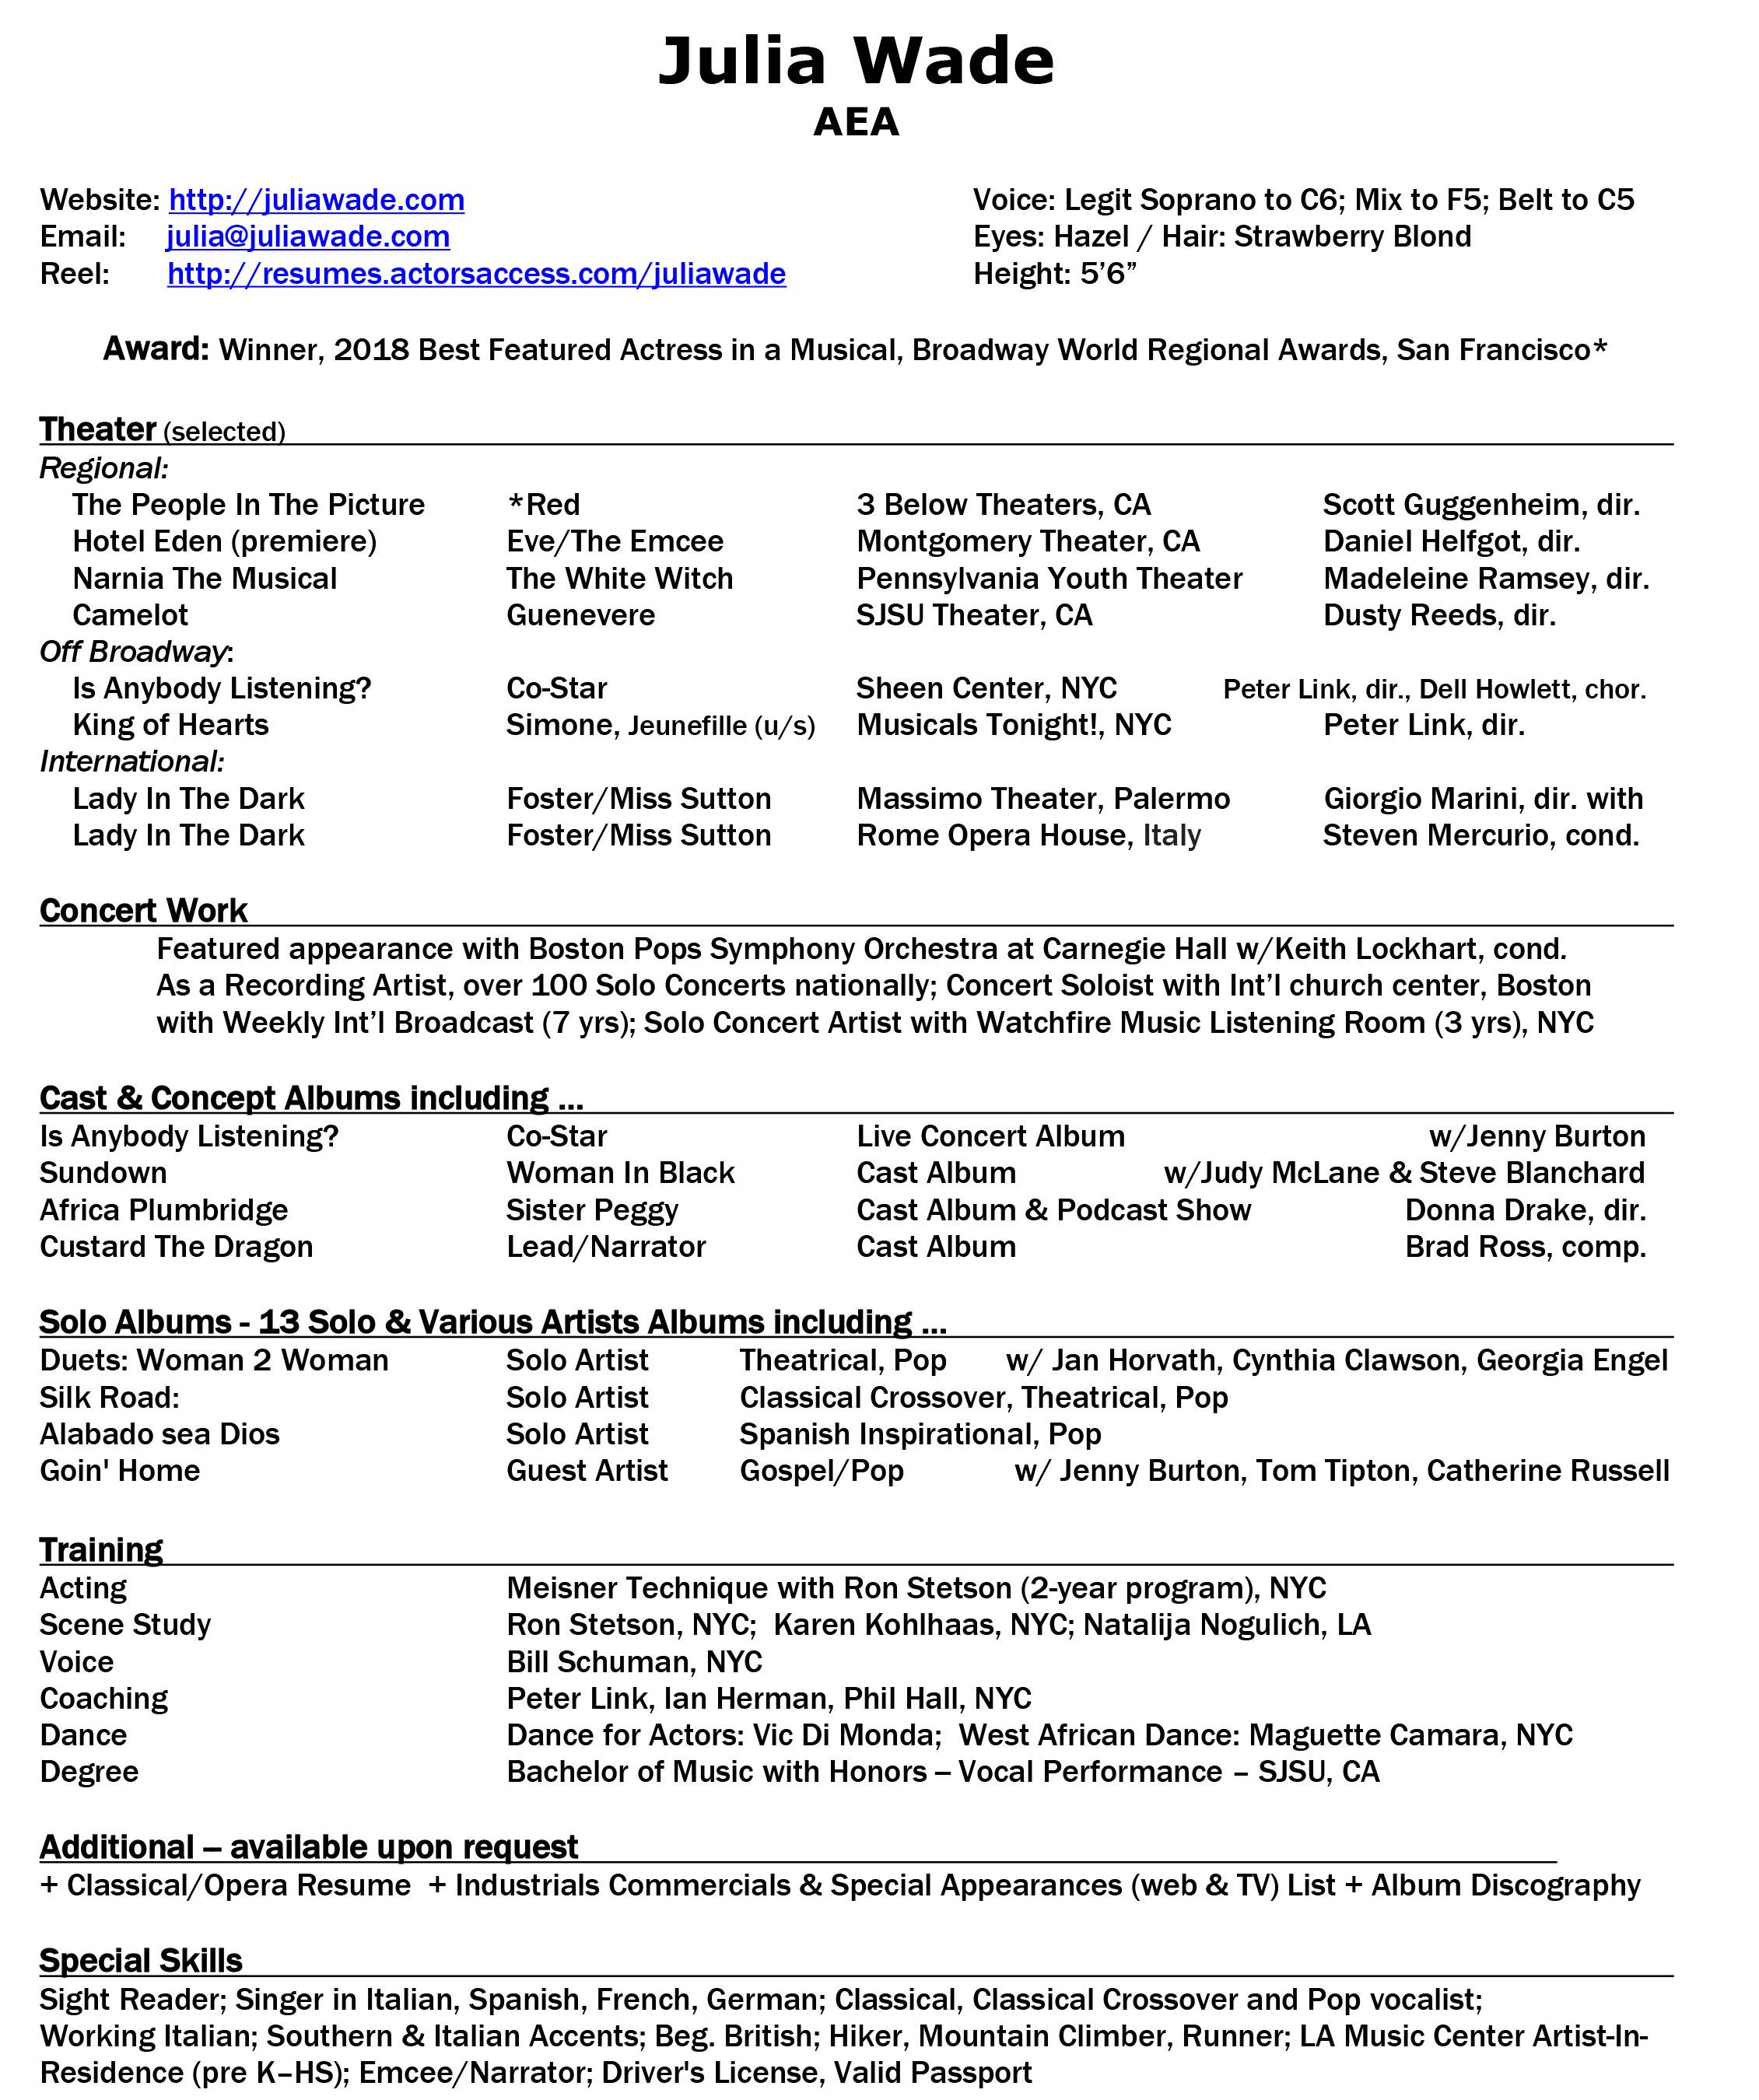 Julia-Wade-Theatrical-Resume-2019-website.jpg